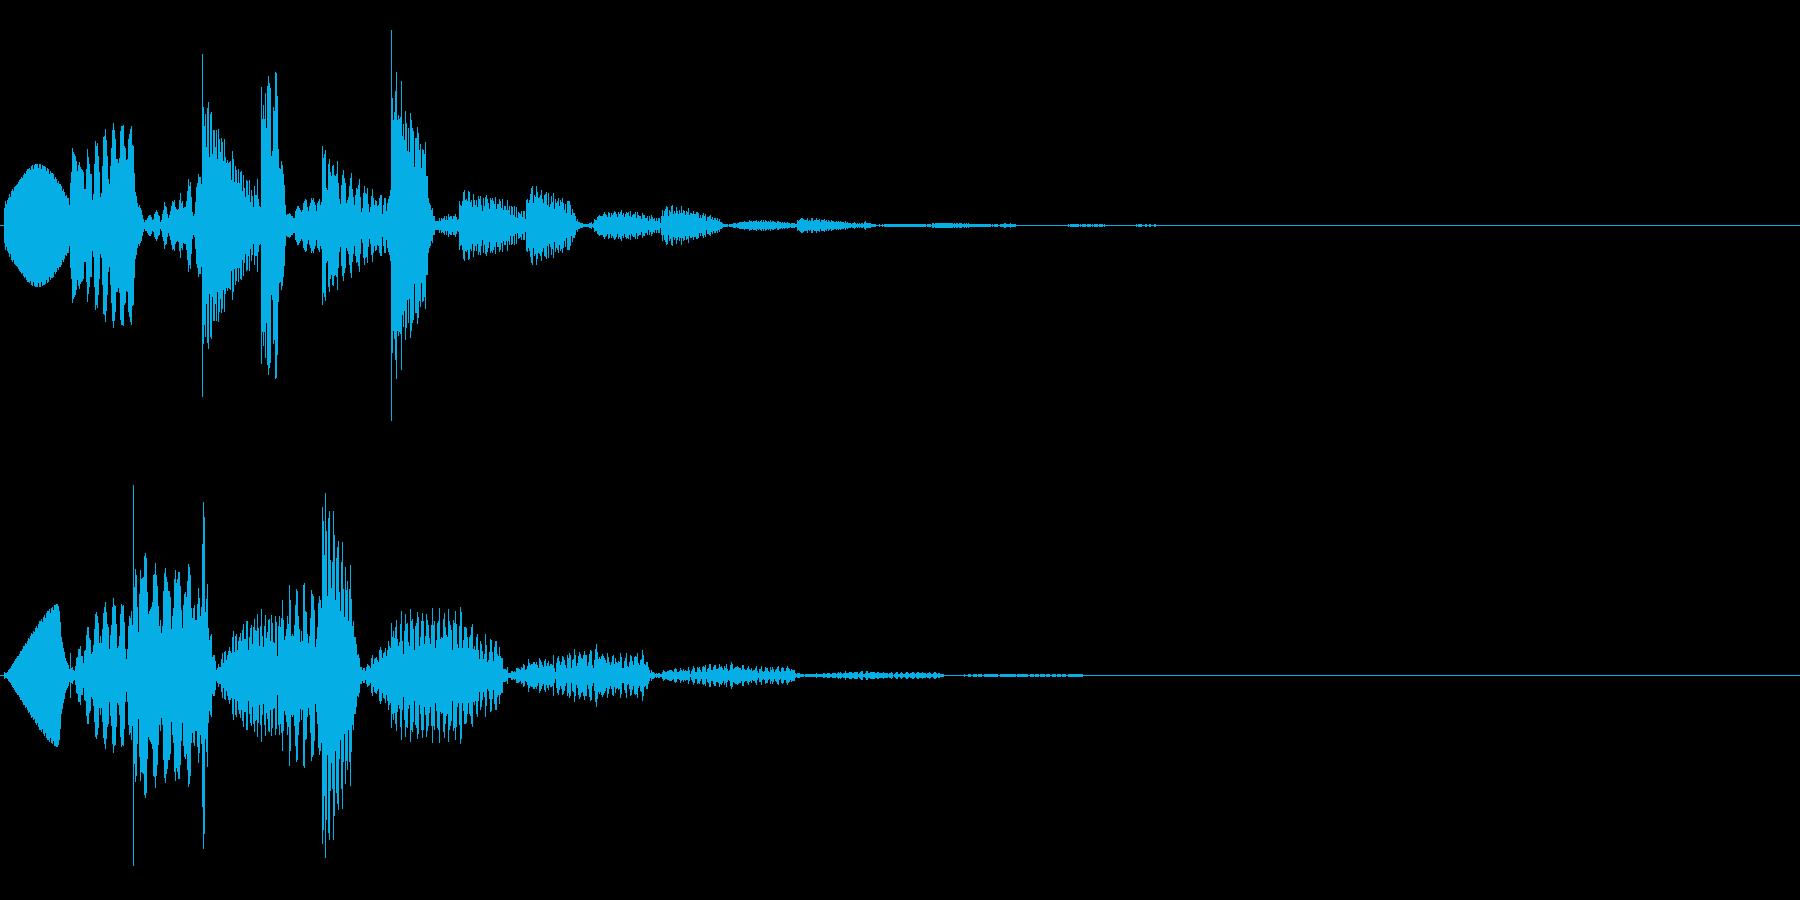 ワンポイント、テロップ等(琴系)の再生済みの波形